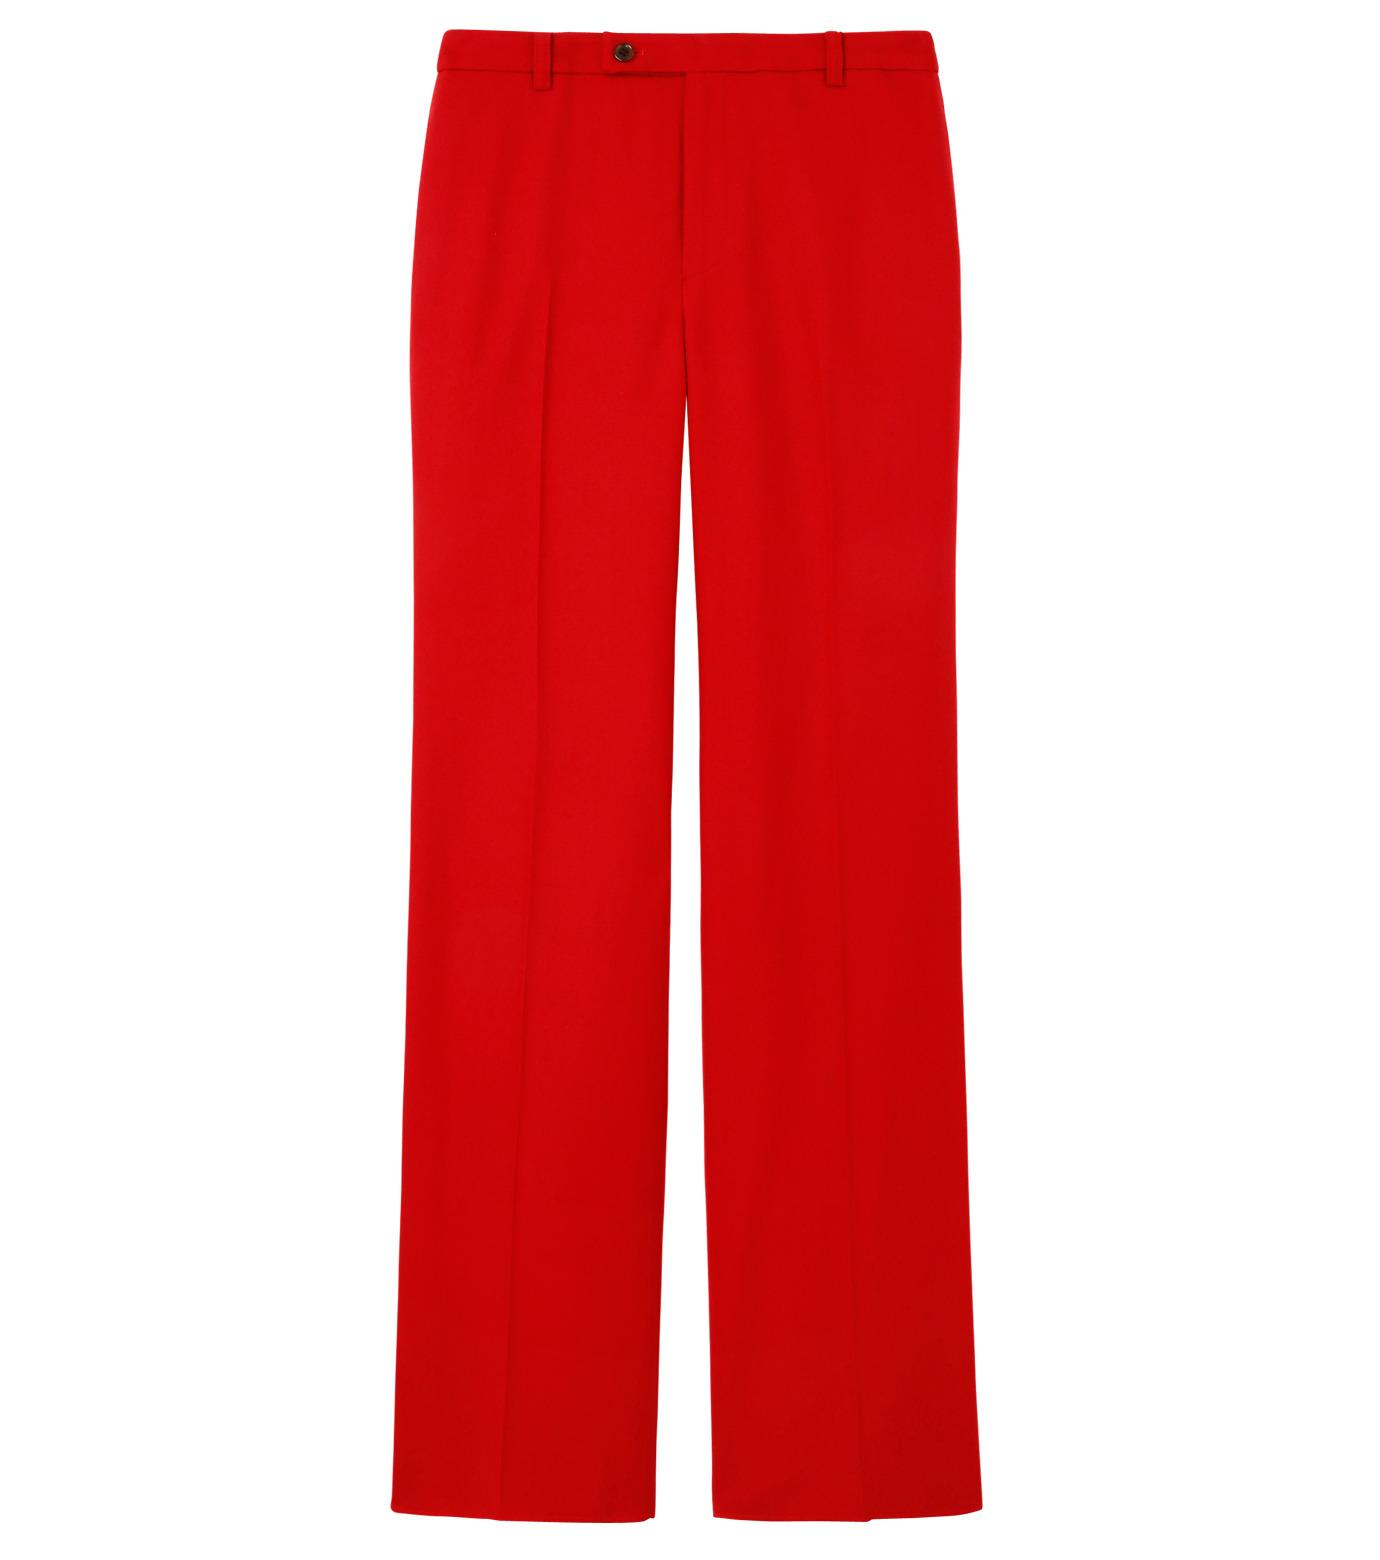 LE CIEL BLEU(ルシェルブルー)のウールカラーセミワイドPT-RED(パンツ/pants)-13A68049 拡大詳細画像1